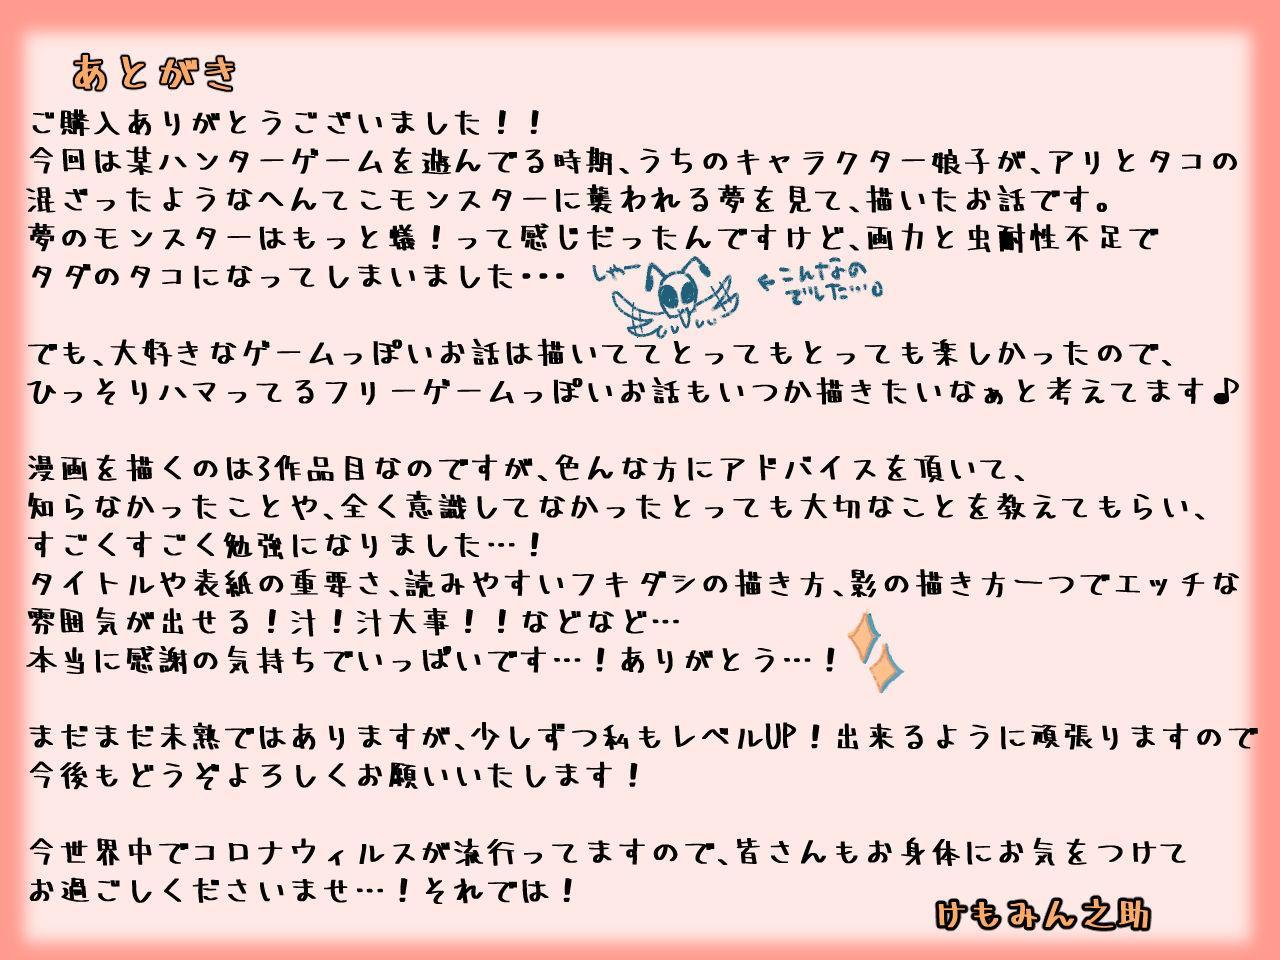 Creature ni Sukisuki H Sarechau Hunter LV1 32